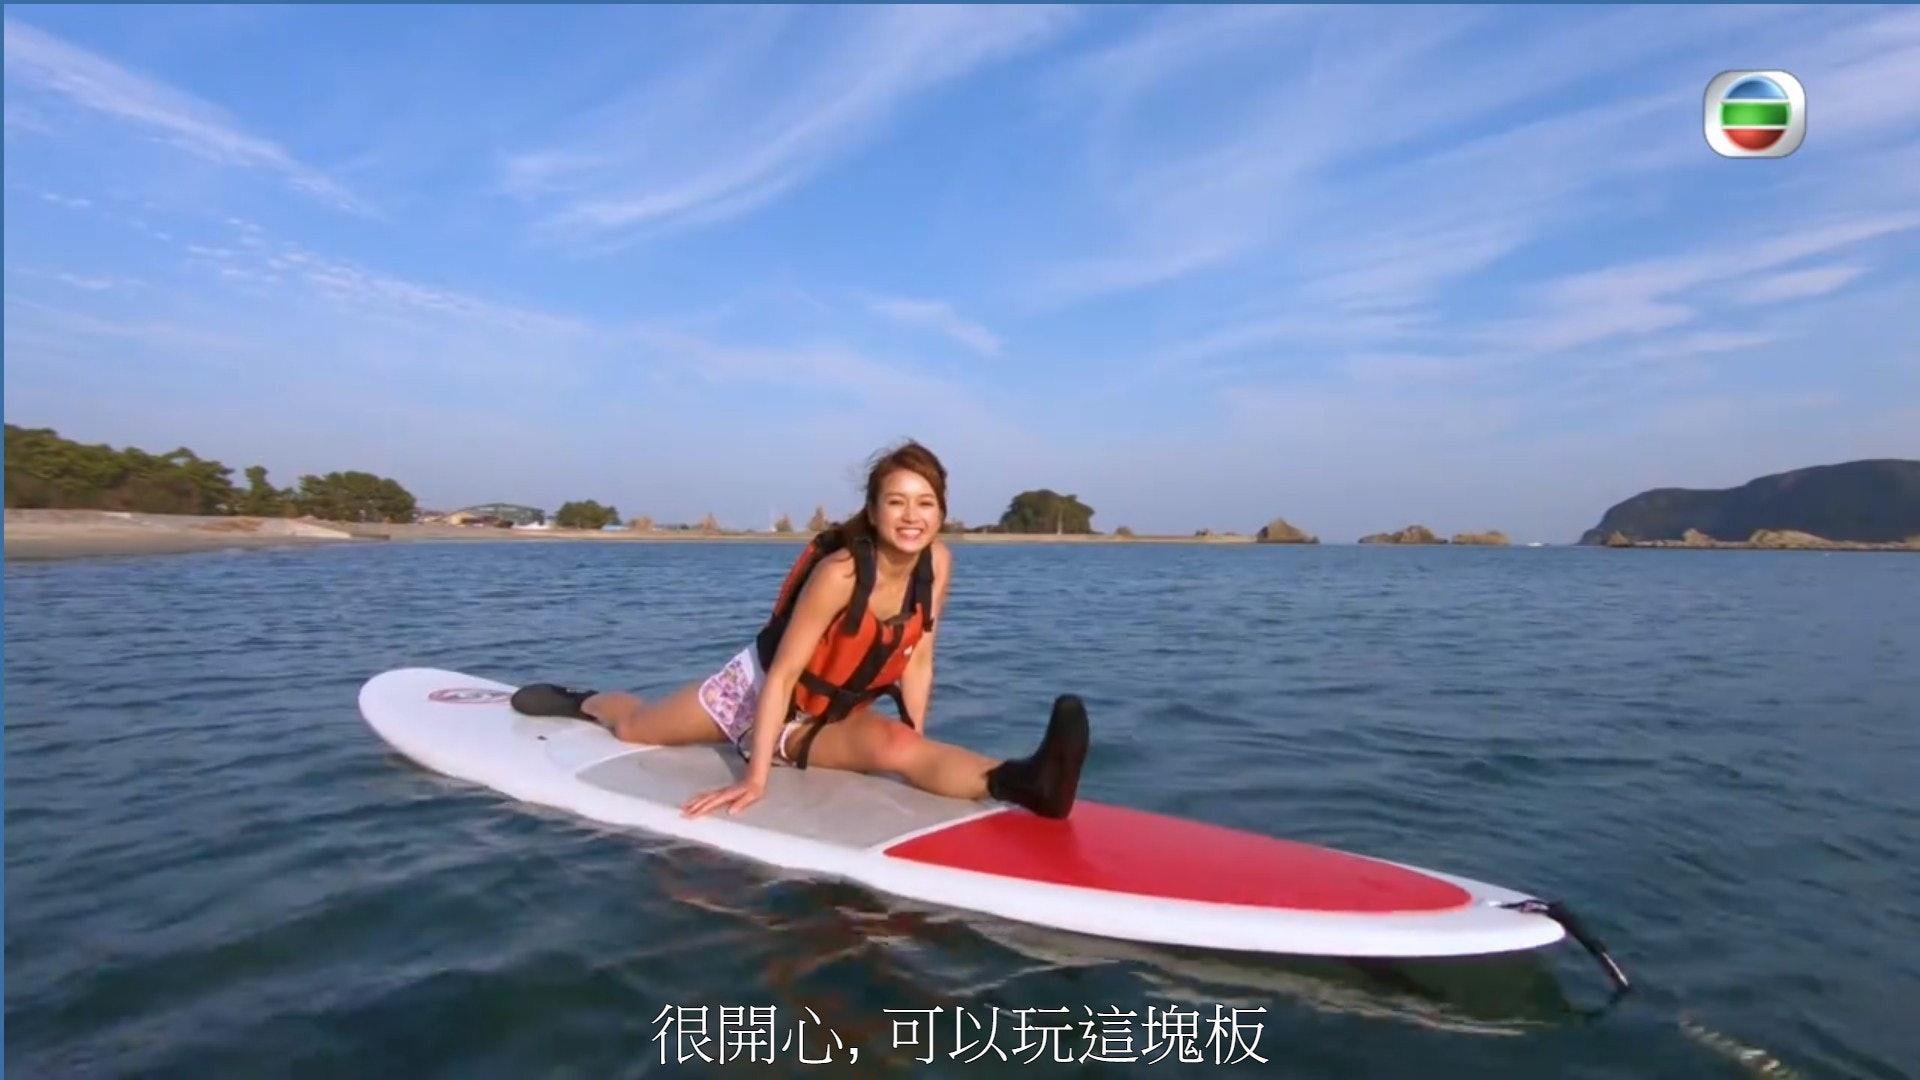 鍾晴表現水上一字馬,真的很厲害!(電視截圖)